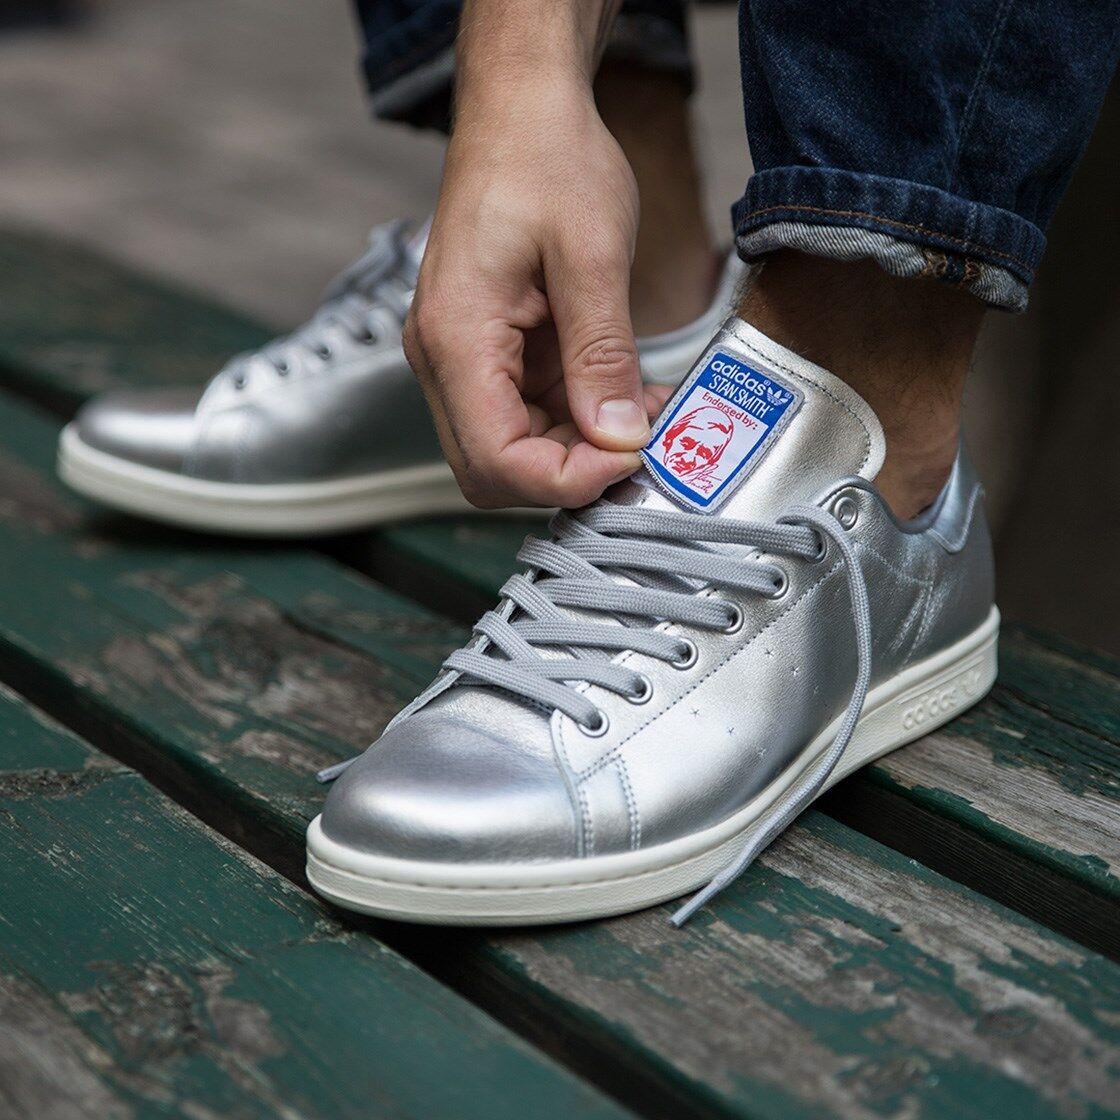 """Adidas Originaux Stan Smith """"Scaphandre"""" S75508 hombres hombres hombres Talla US 7.5 100% c2dc14"""